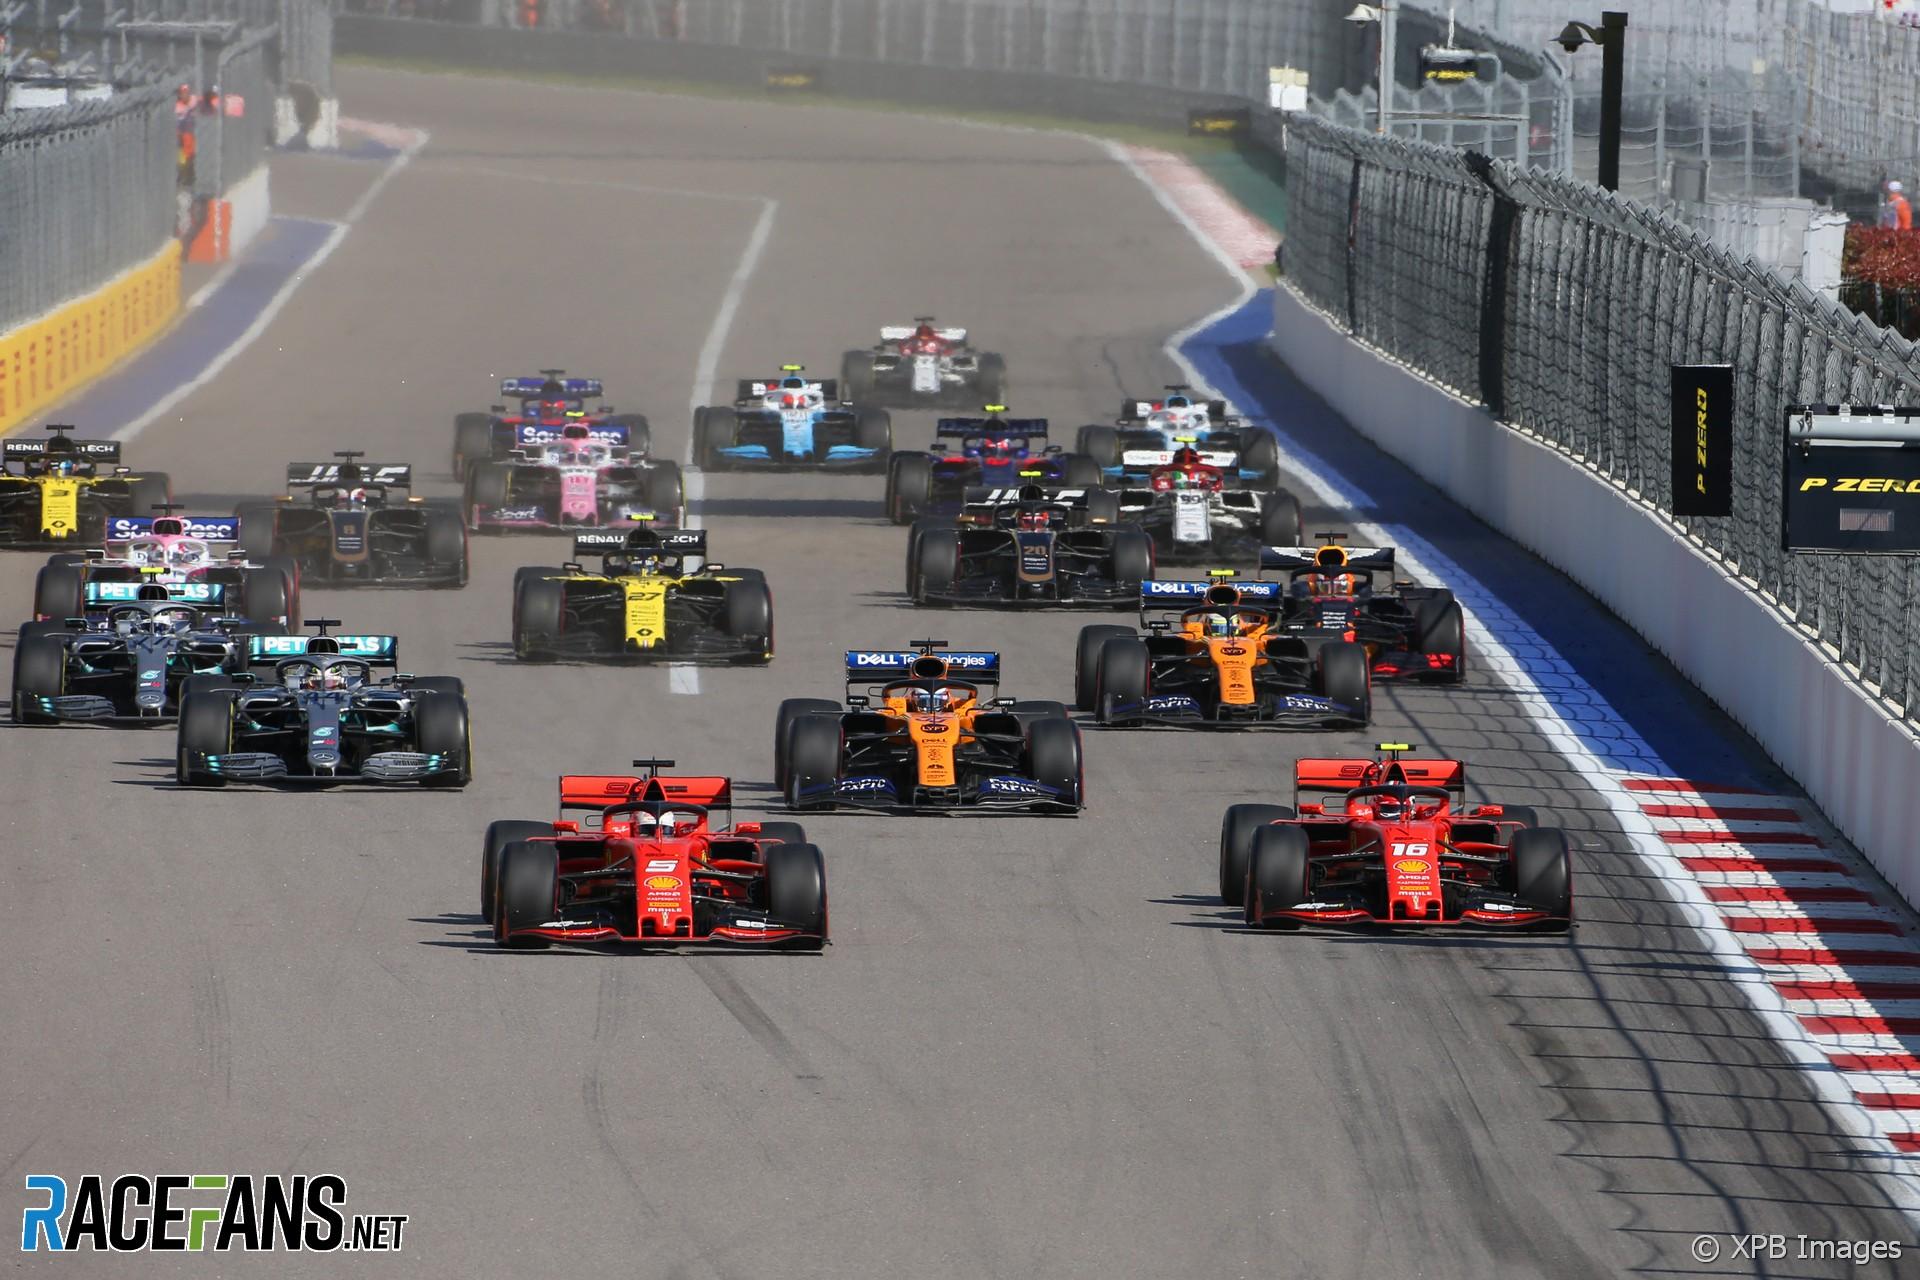 """Παρατηρώντας κανείς το φετινό πρώτο μισό της σεζόν στη Formula 1 σίγουρα διαπιστώνει πως οι καμπάνες του Maranello, παλιός """"Άγγελος"""" των επιτυχιών της Ferrari, είχαν """"σκουριάσει"""" λίγο. Η Ιταλική ομάδα δεν κατάφερε να πανηγυρίσει καμμία νίκη μέχρι και τοGpτης Ουγγαρίας, παρόλο που είχε πετύχει 3 Pole. Μετά όμως από τη θερινή ανάπαυλα όλοι μείναμε άναυδοι από τη μεταμόρφωση της ιστορικής ομάδας. Αν και οι επιτυχίες σε Βέλγιο και Ιταλία έμοιαζαν λίγο πολύ αναμενόμενες, η Σιγκαπούρη και η Ιαπωνία σίγουρα άφησαν έκπληκτους του Λάτρεις του μηχανοκίνητου αθλητισμού. Ωστόσο, παρά τη μεγάλη δυναμική της στο δεύτερο μισό του Πρωταθλήματος, η Ferrari κατάφερε να μετουσιώσει σε νίκη τις 3 από τις 6 τελευταίες συνεχόμενες Pole(!), ενώ πέτυχε το 1-2 σε μόλις έναν αγώνα. Όλα αυτά σίγουρα μας βάζουν σε σκέψεις... μήπως οι καμπάνες του Maranello που τώρα τελευταία τόσο χαρμόσυνα χτυπούν είναι λίγο """"Βραχνιασμένες"""";"""